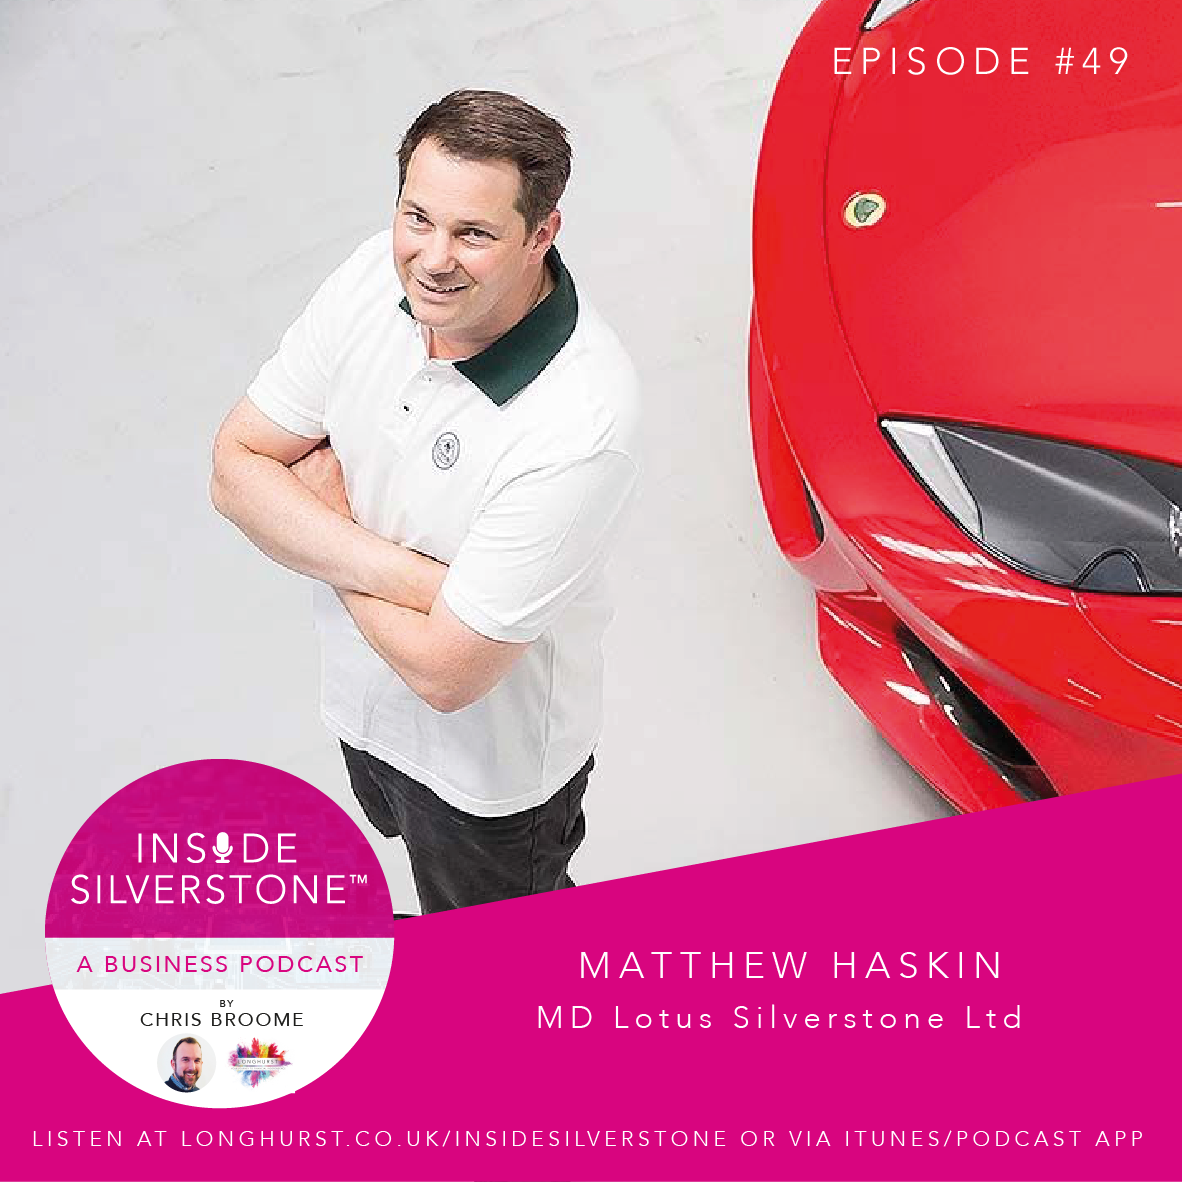 Matthew Haskins, Managing Director at Lotus Silverstone